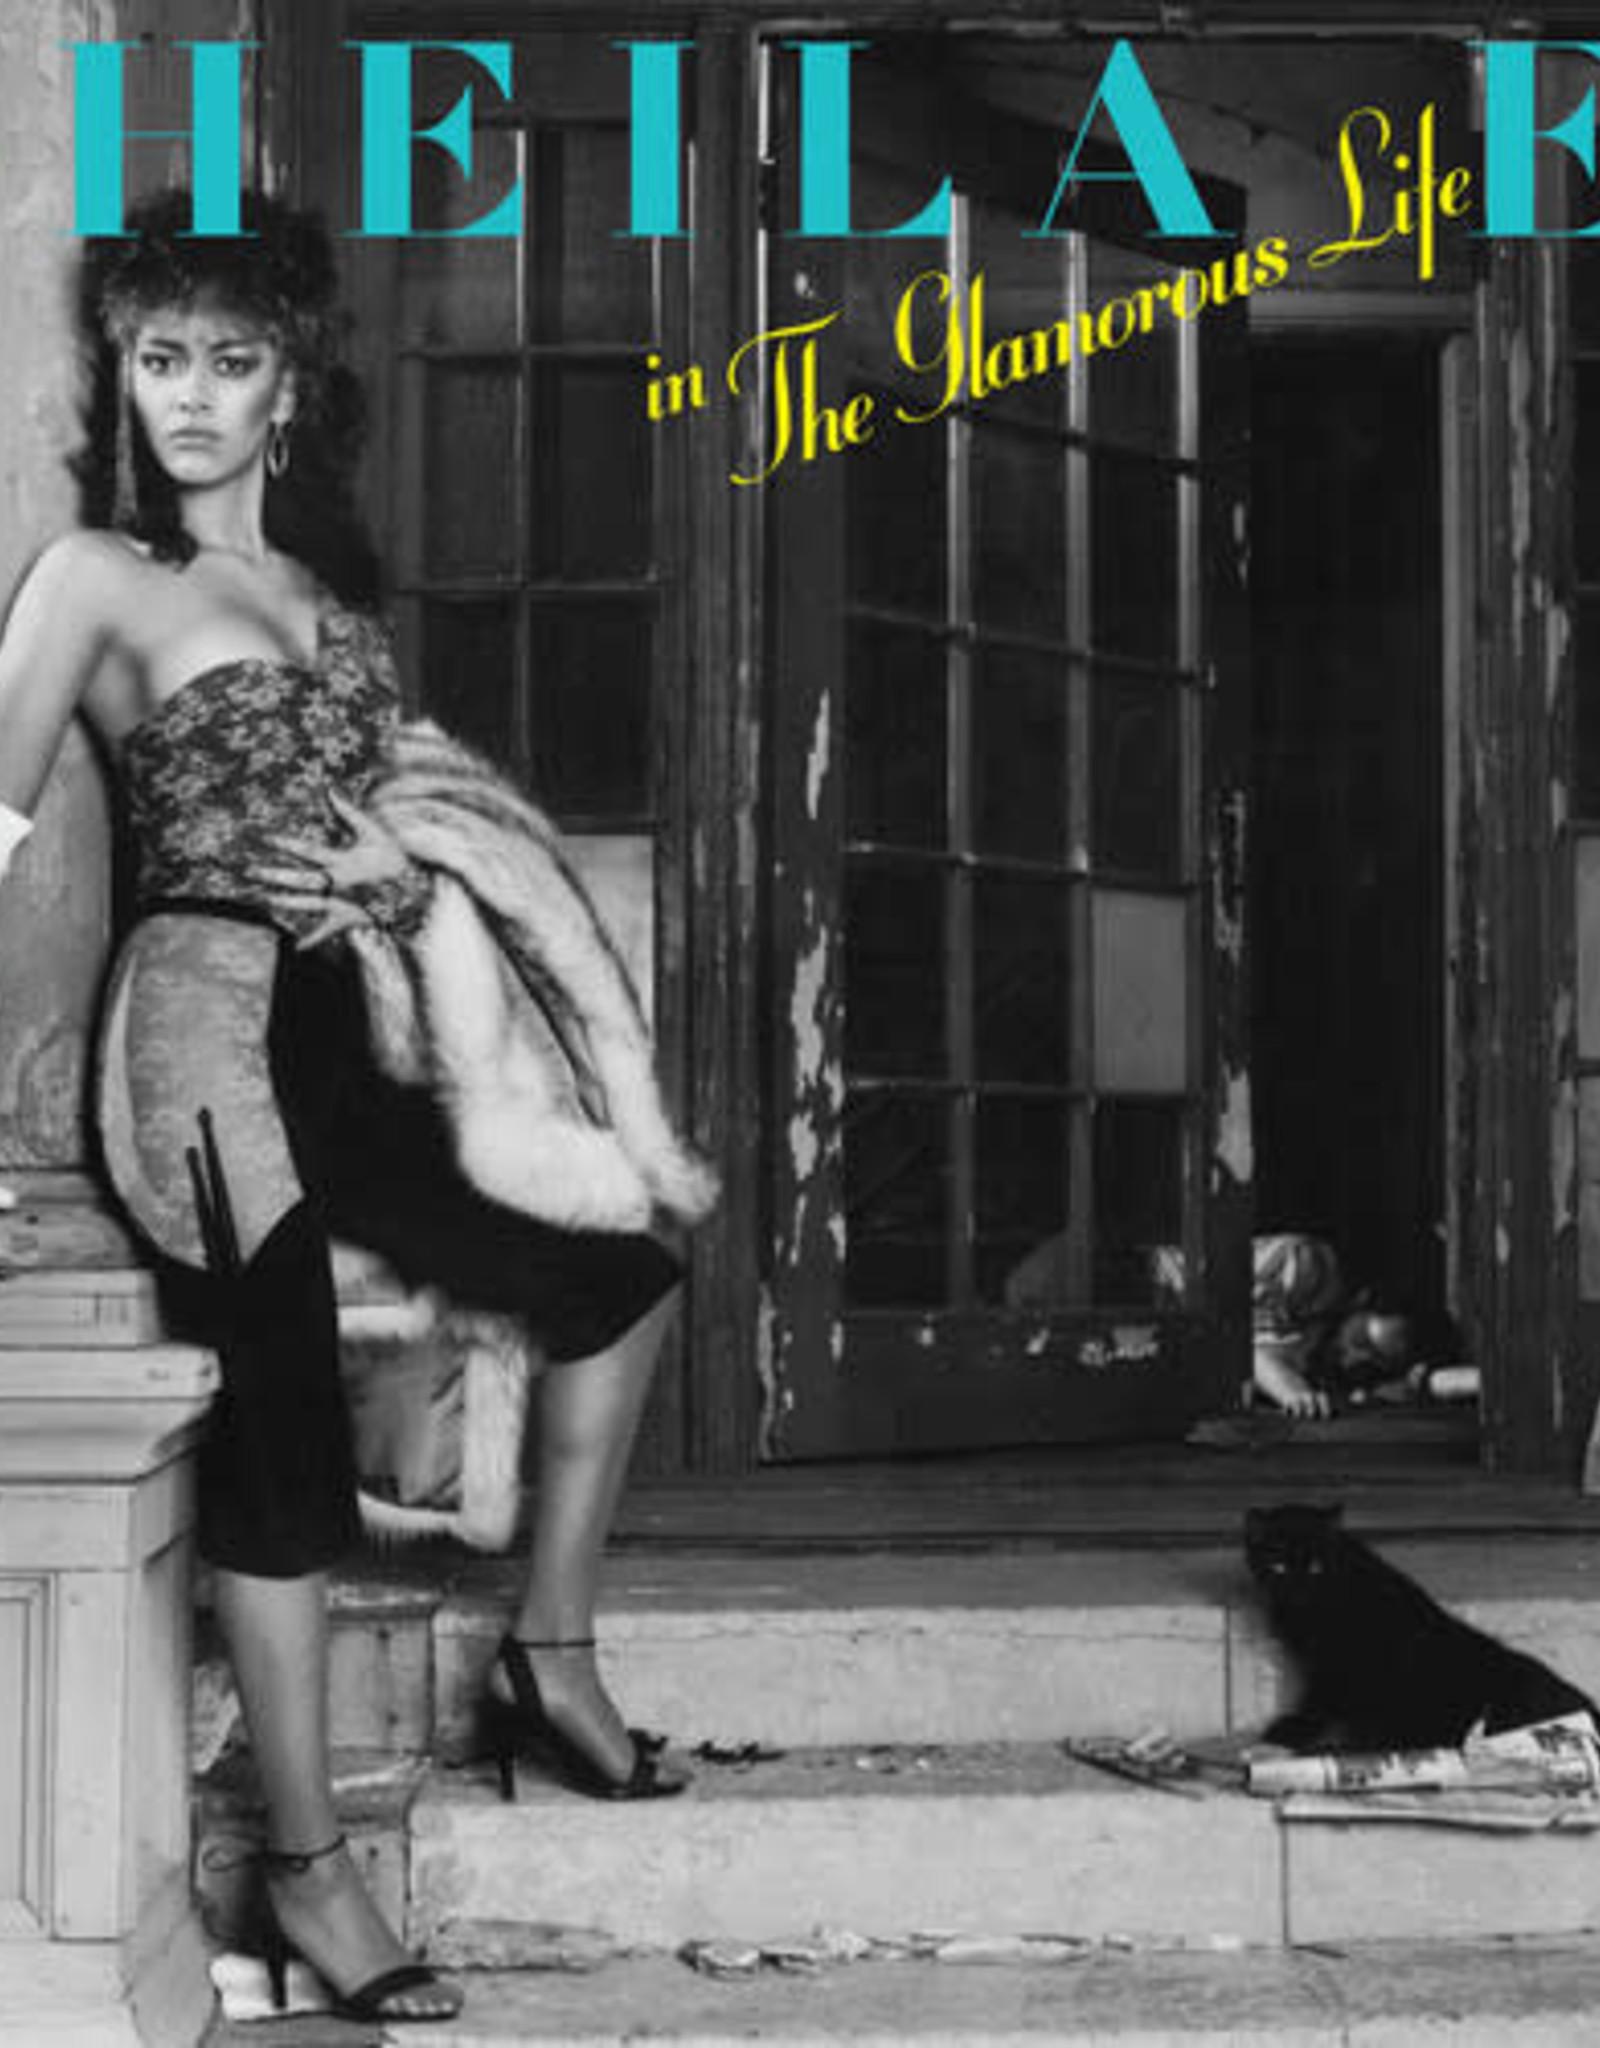 Shelia E. - The Glamorous Life (Light-Blue Vinyl)